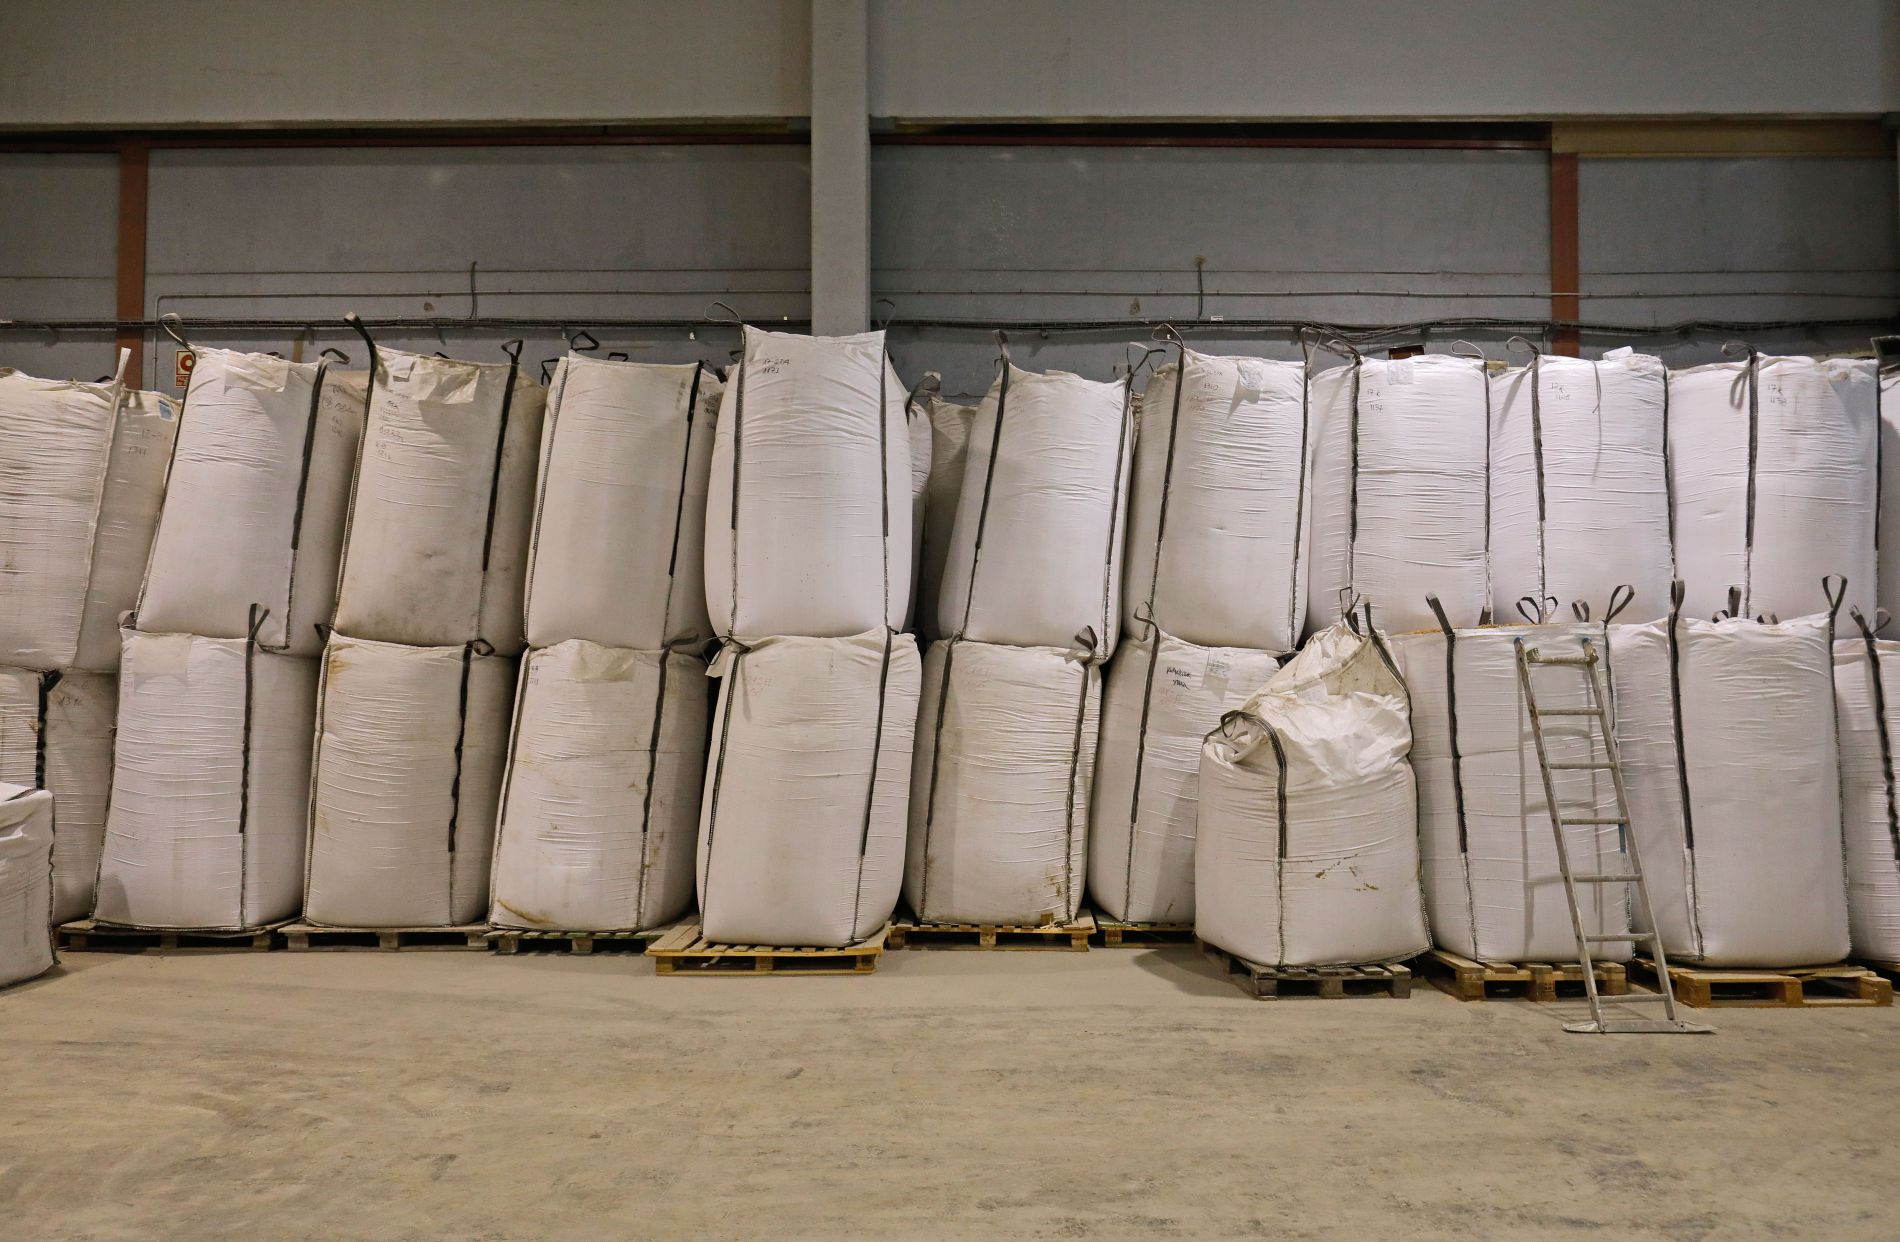 Arroces 'Molino Roca': sacas en el almacén